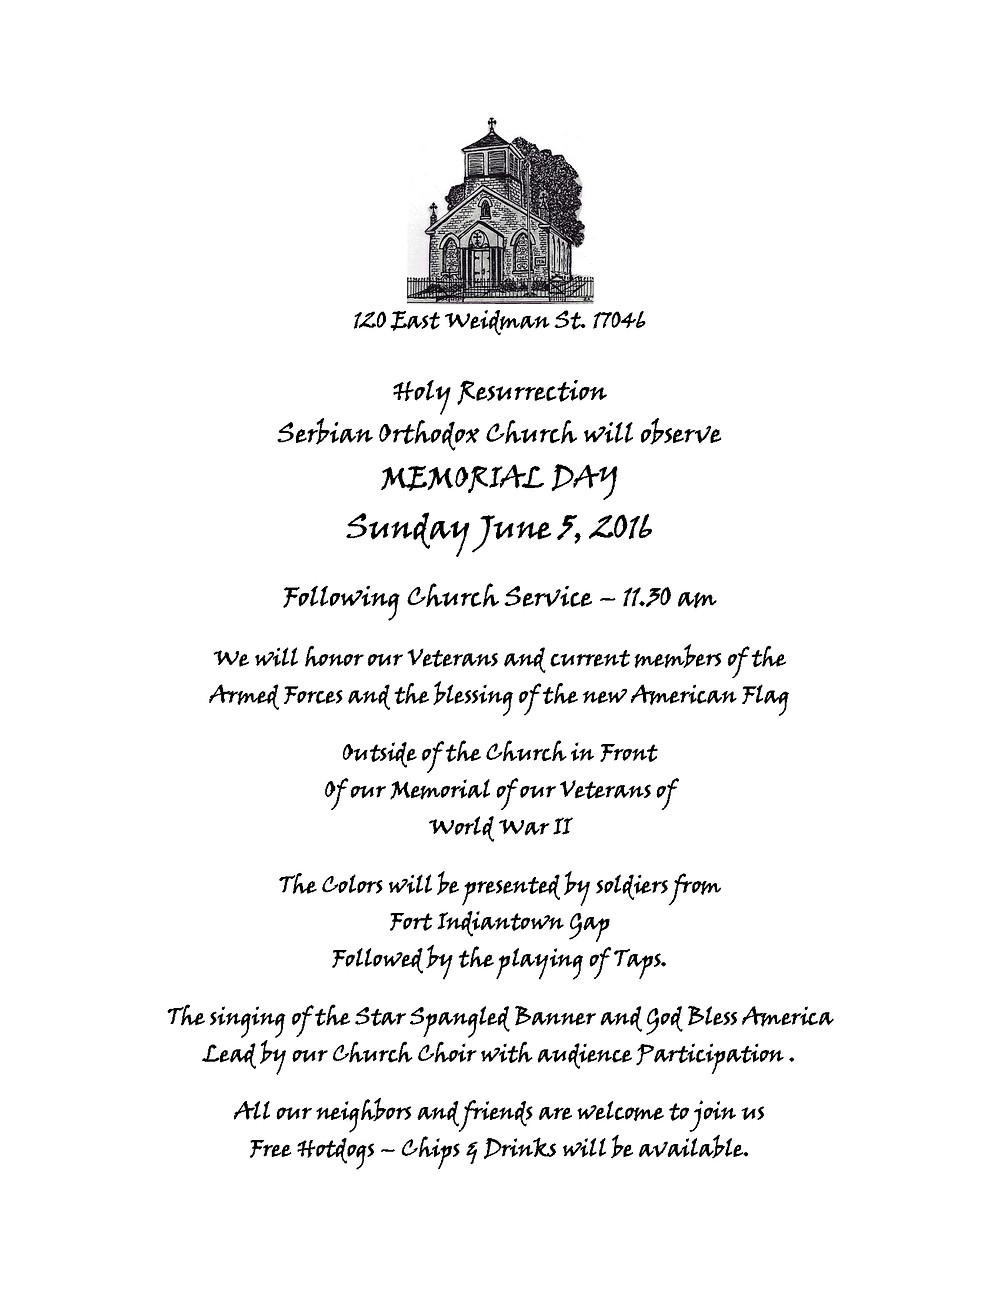 Memorial-day-June-5-th-2016